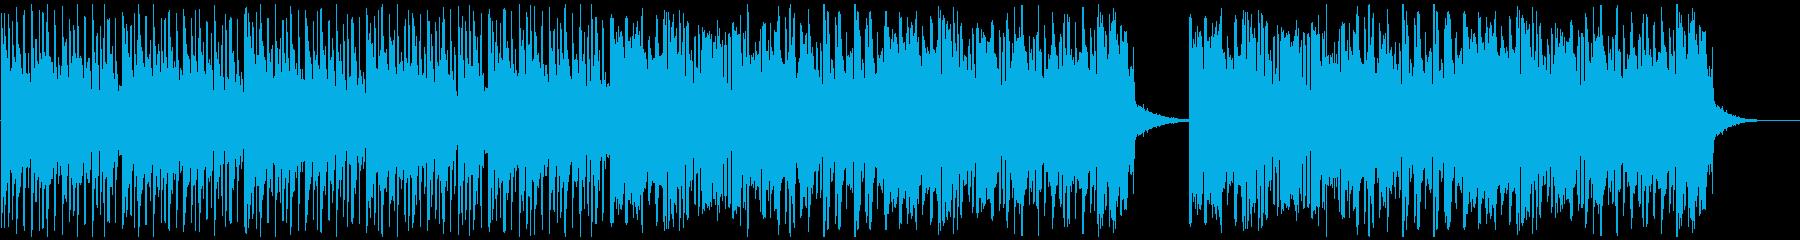 強力なグルーヴとキャッチーなシンセ...の再生済みの波形